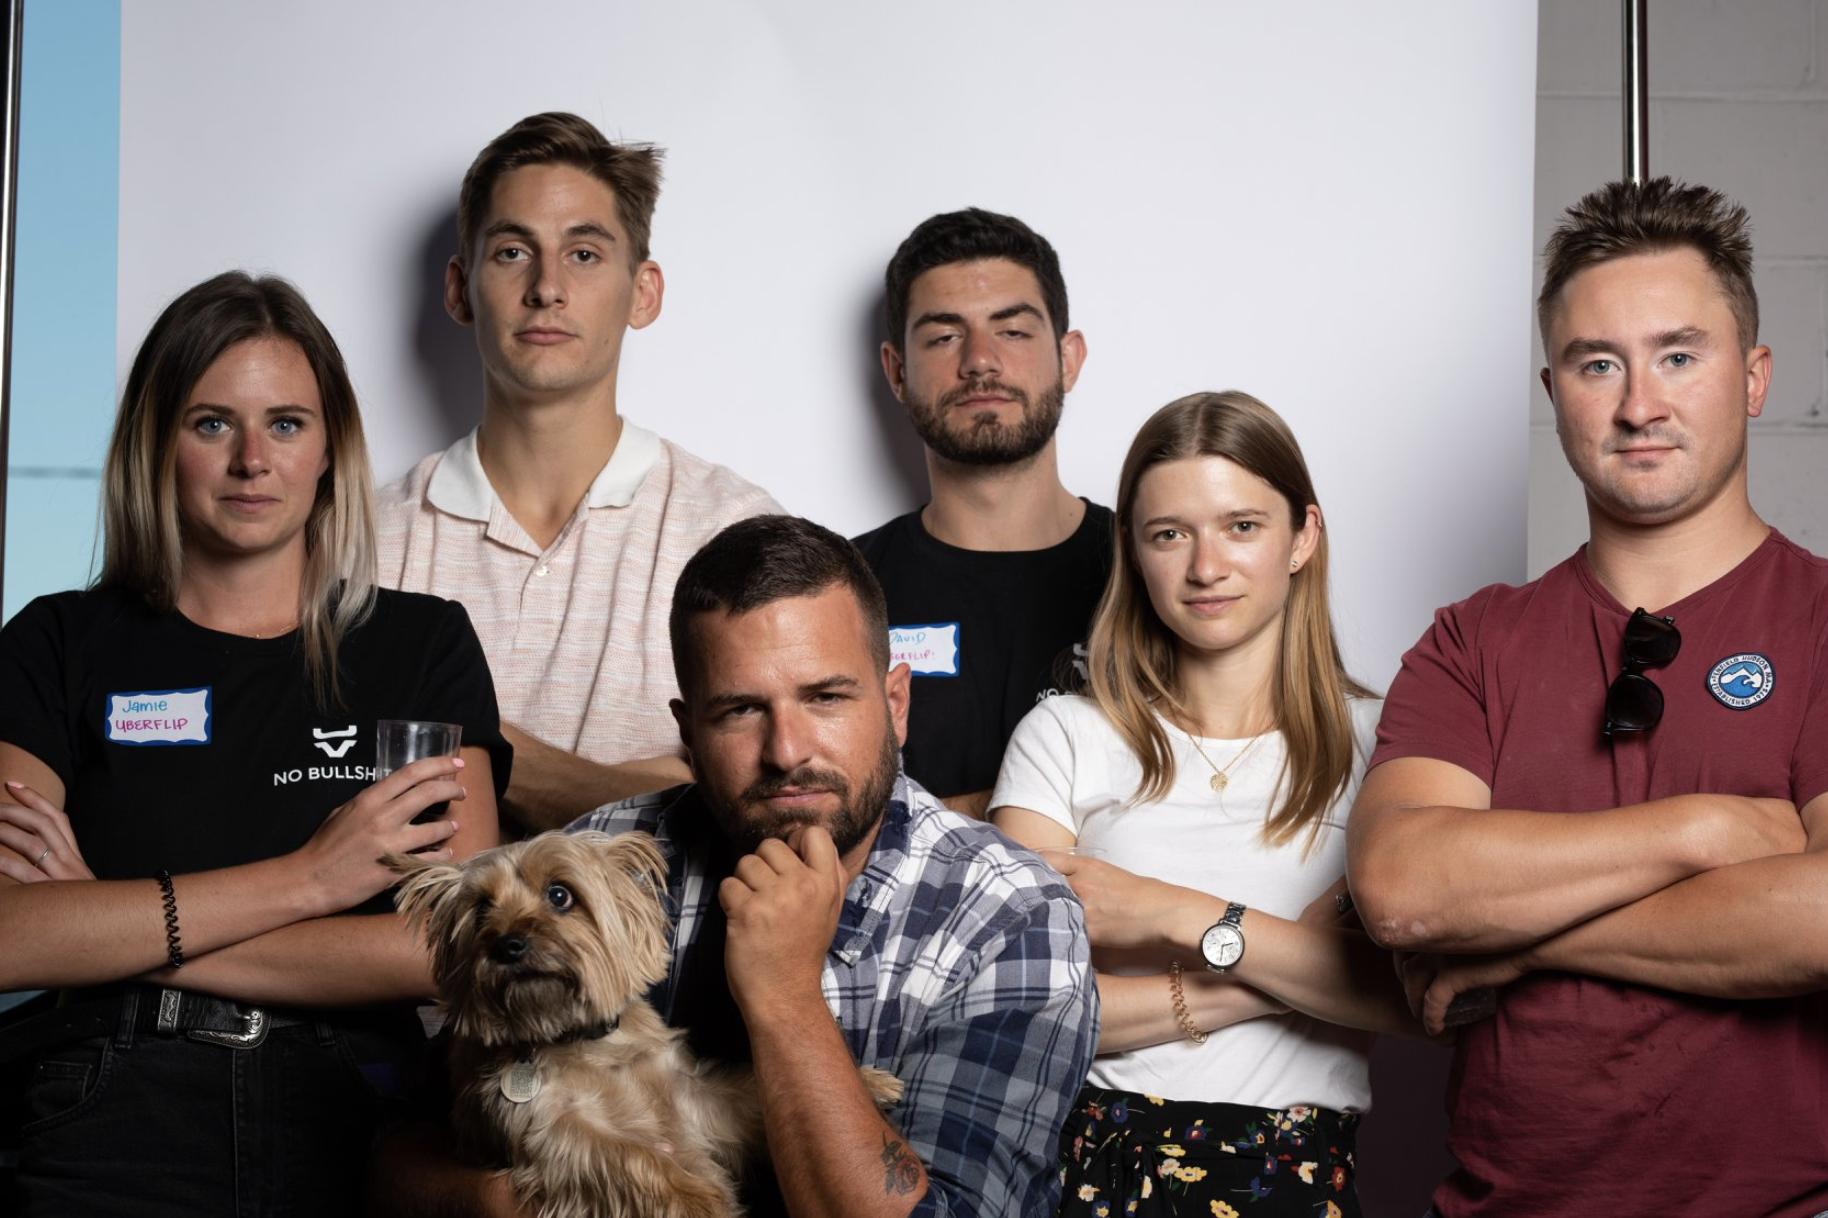 36 Startups Hiring For Remote Design Jobs Angellist